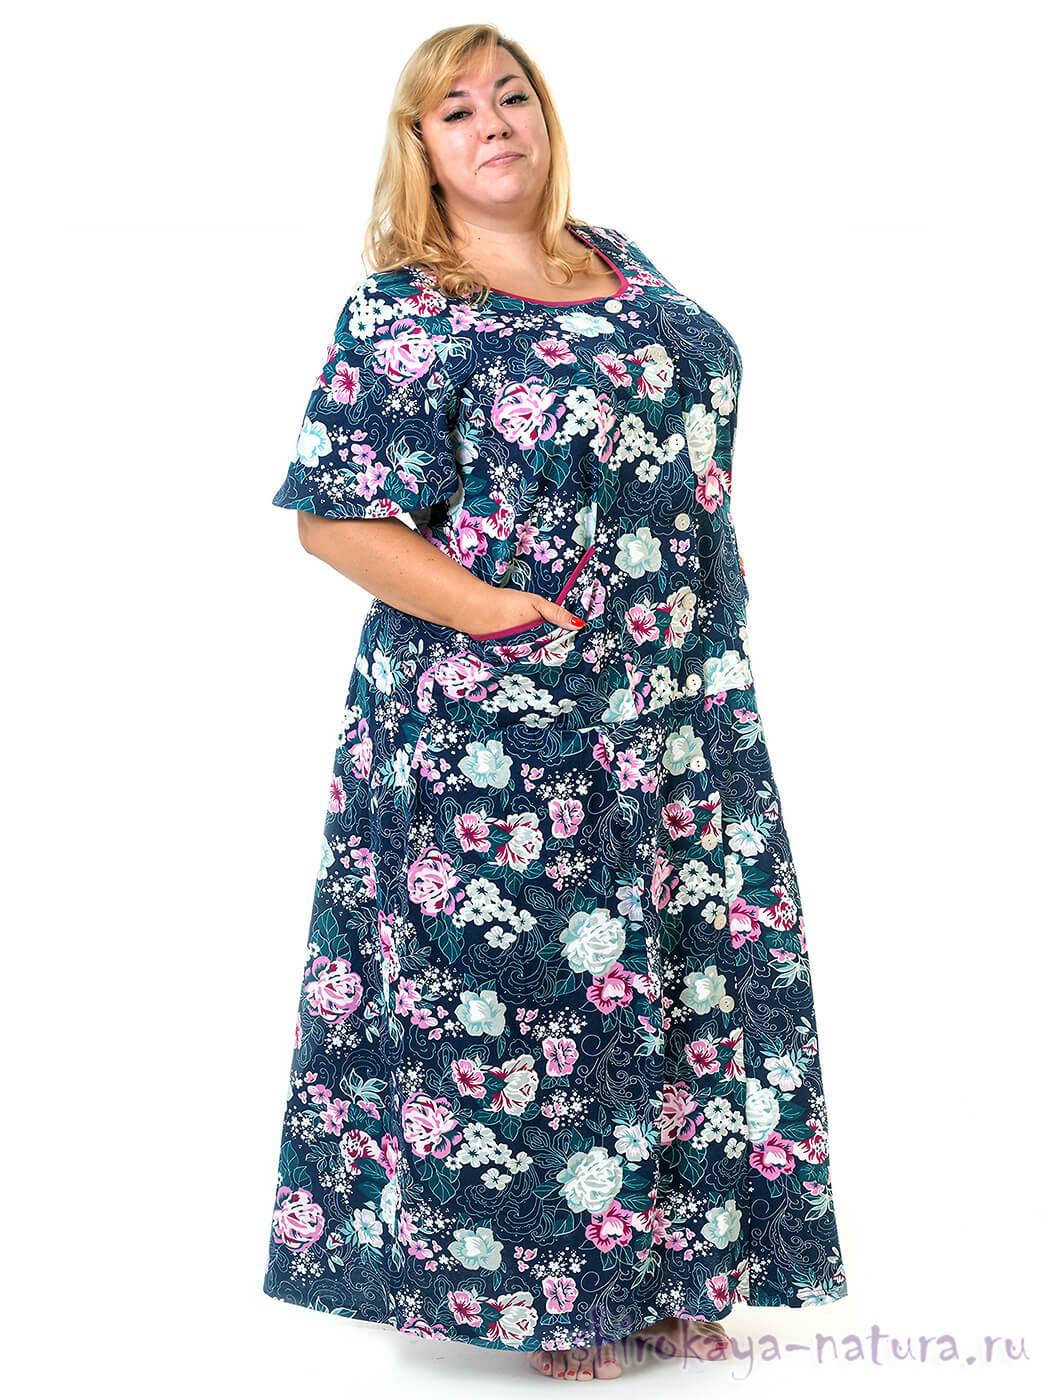 Длинный женский халат больших размеров Иваново